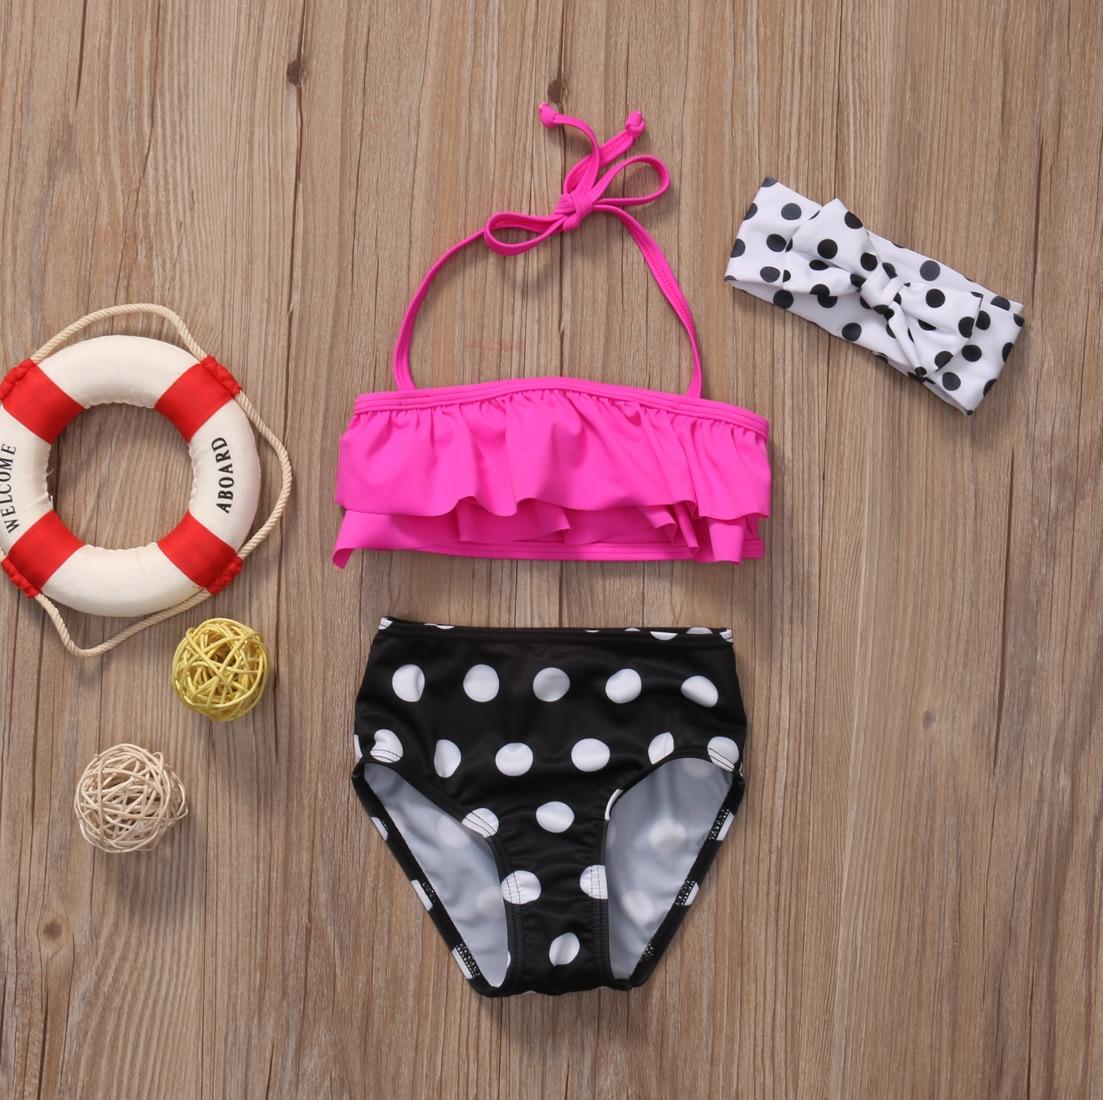 Niñas de dos piezas de lunares traje de baño niños bebé niña - Ropa deportiva y accesorios - foto 2